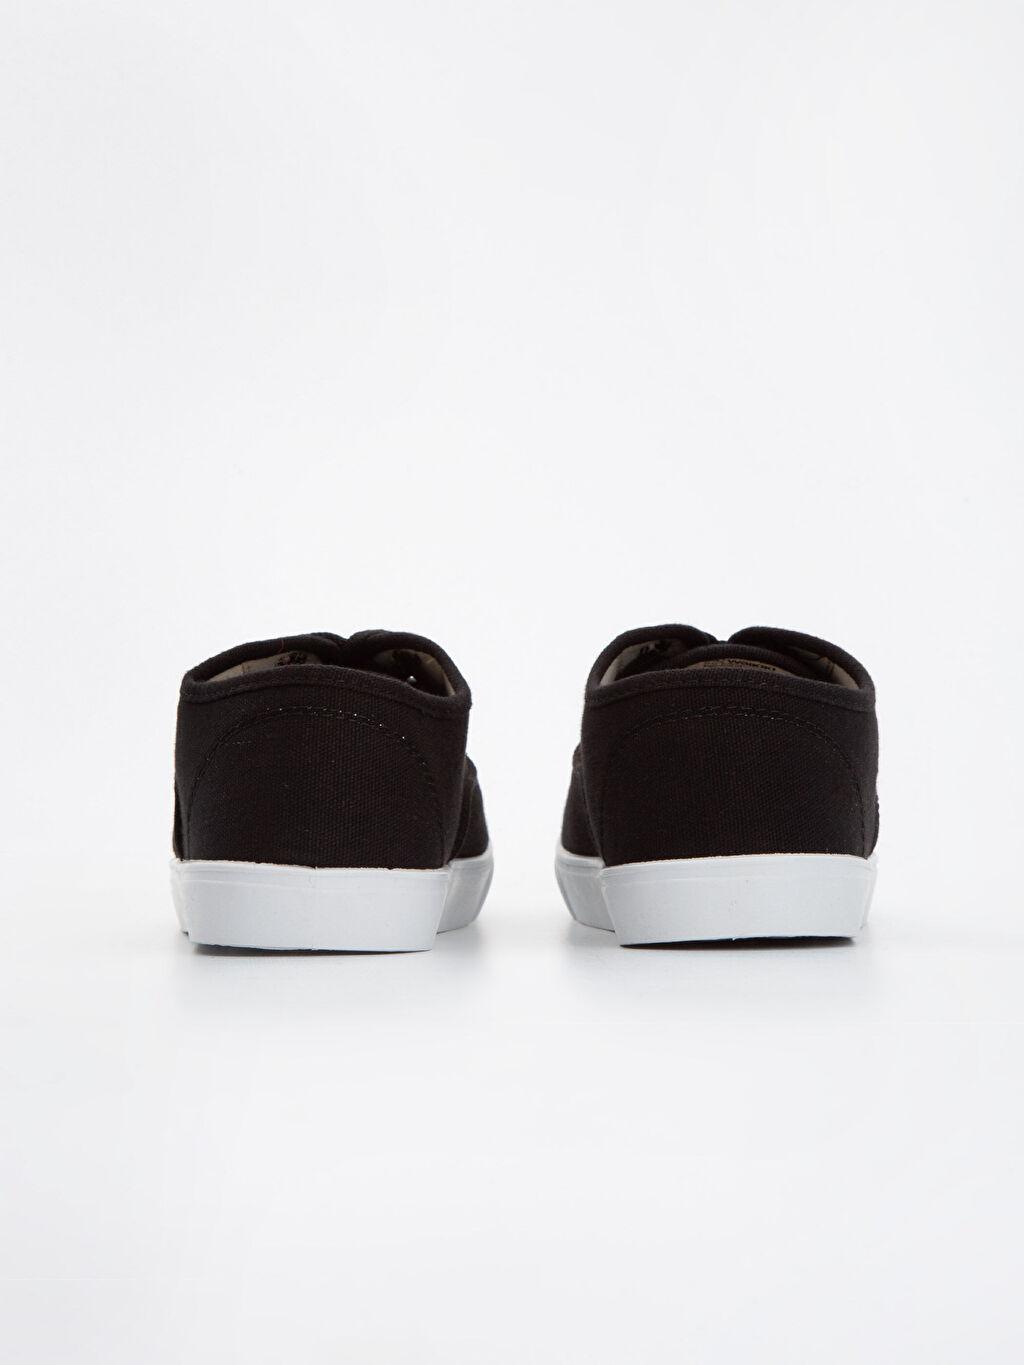 Kumaş Görünümlü Günlük Ayakkabı